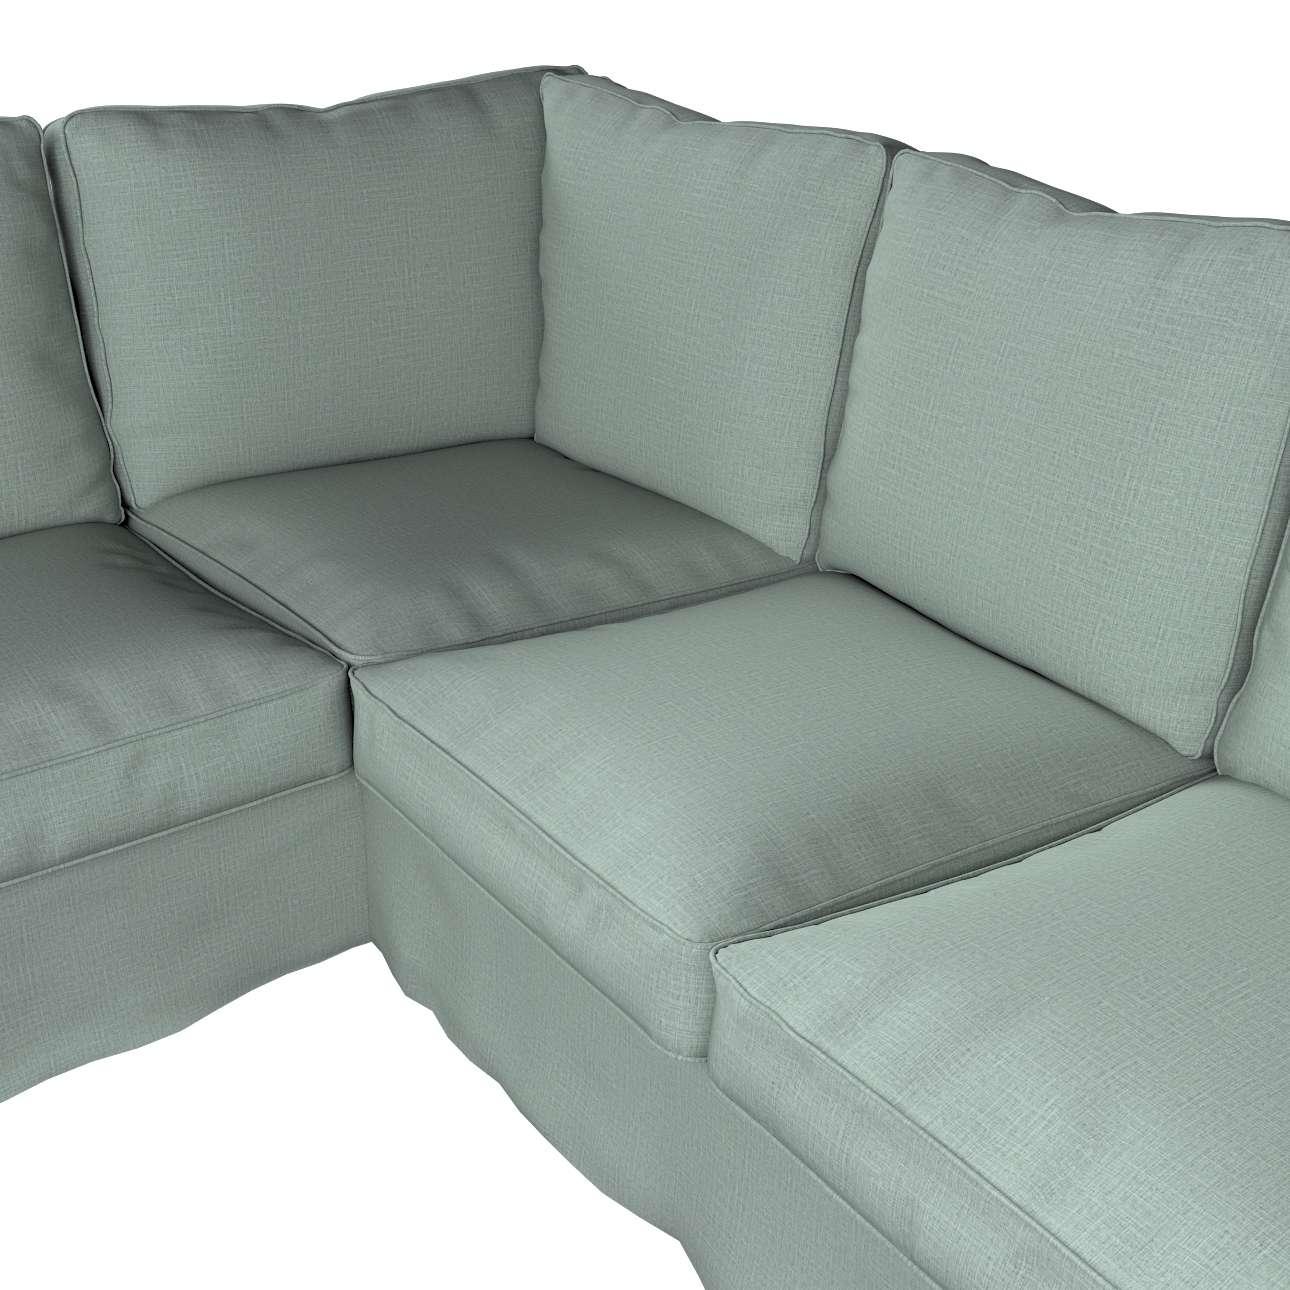 Pokrowiec na sofę narożną Ektorp w kolekcji Living II, tkanina: 160-86